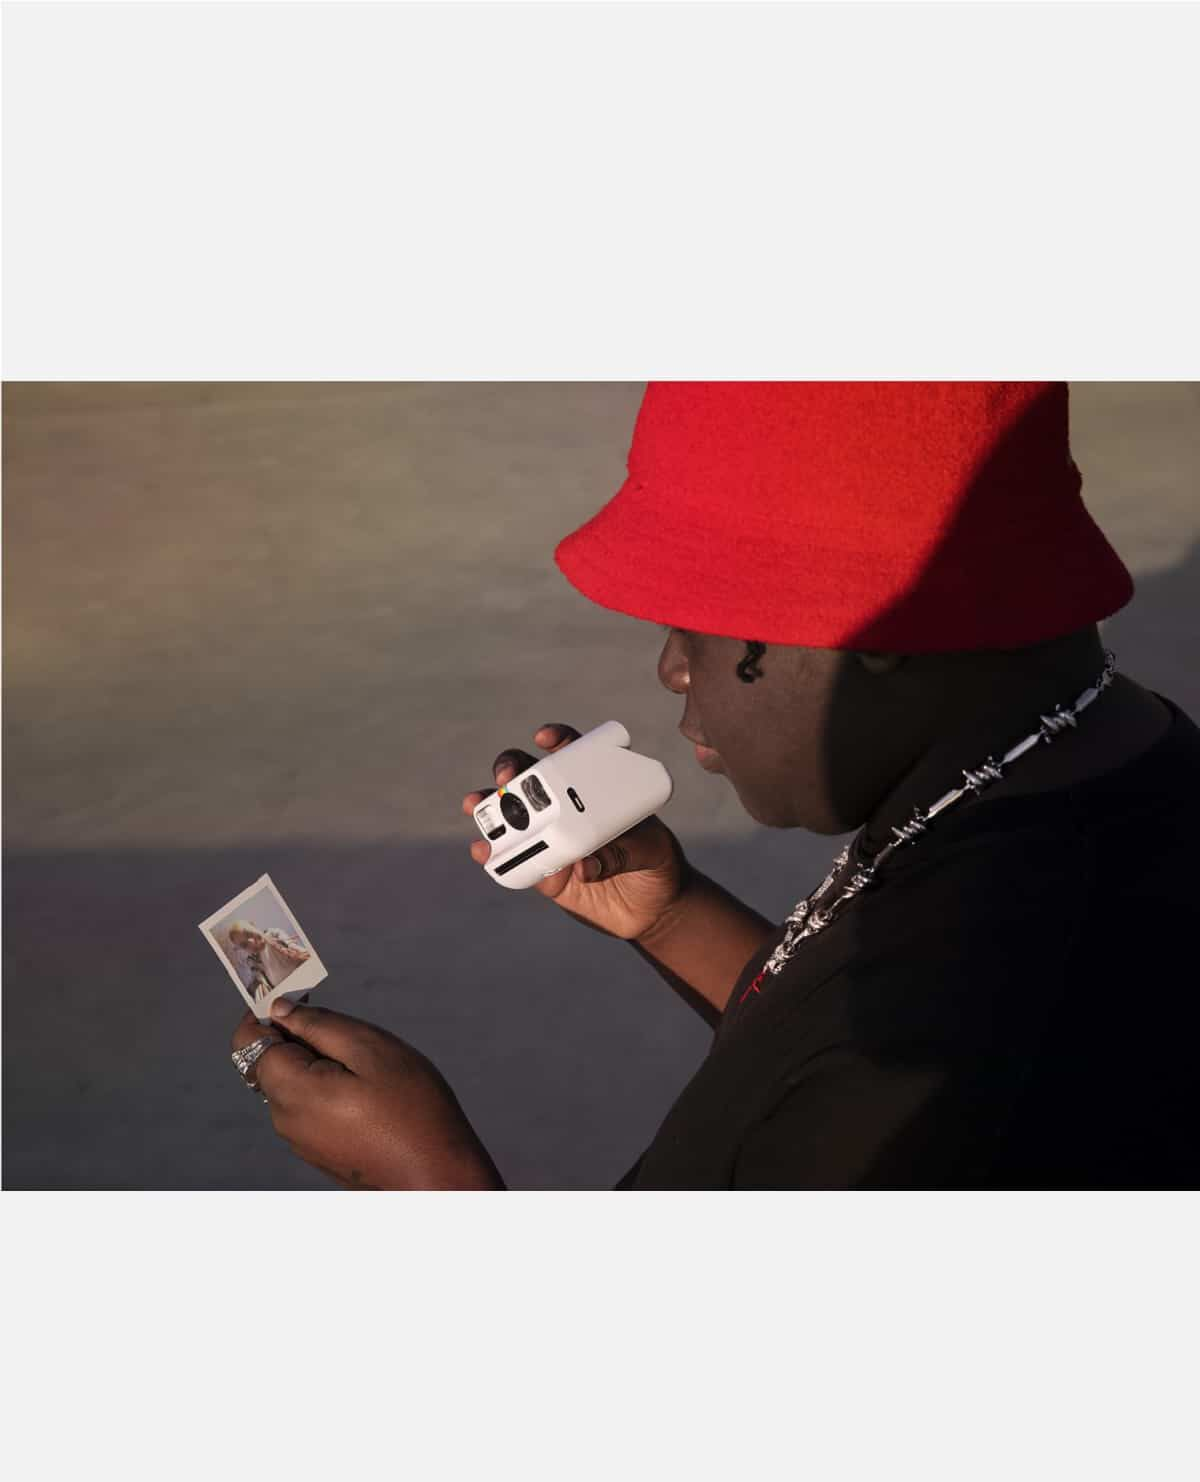 ポラロイド 写真 カメラ フィルム